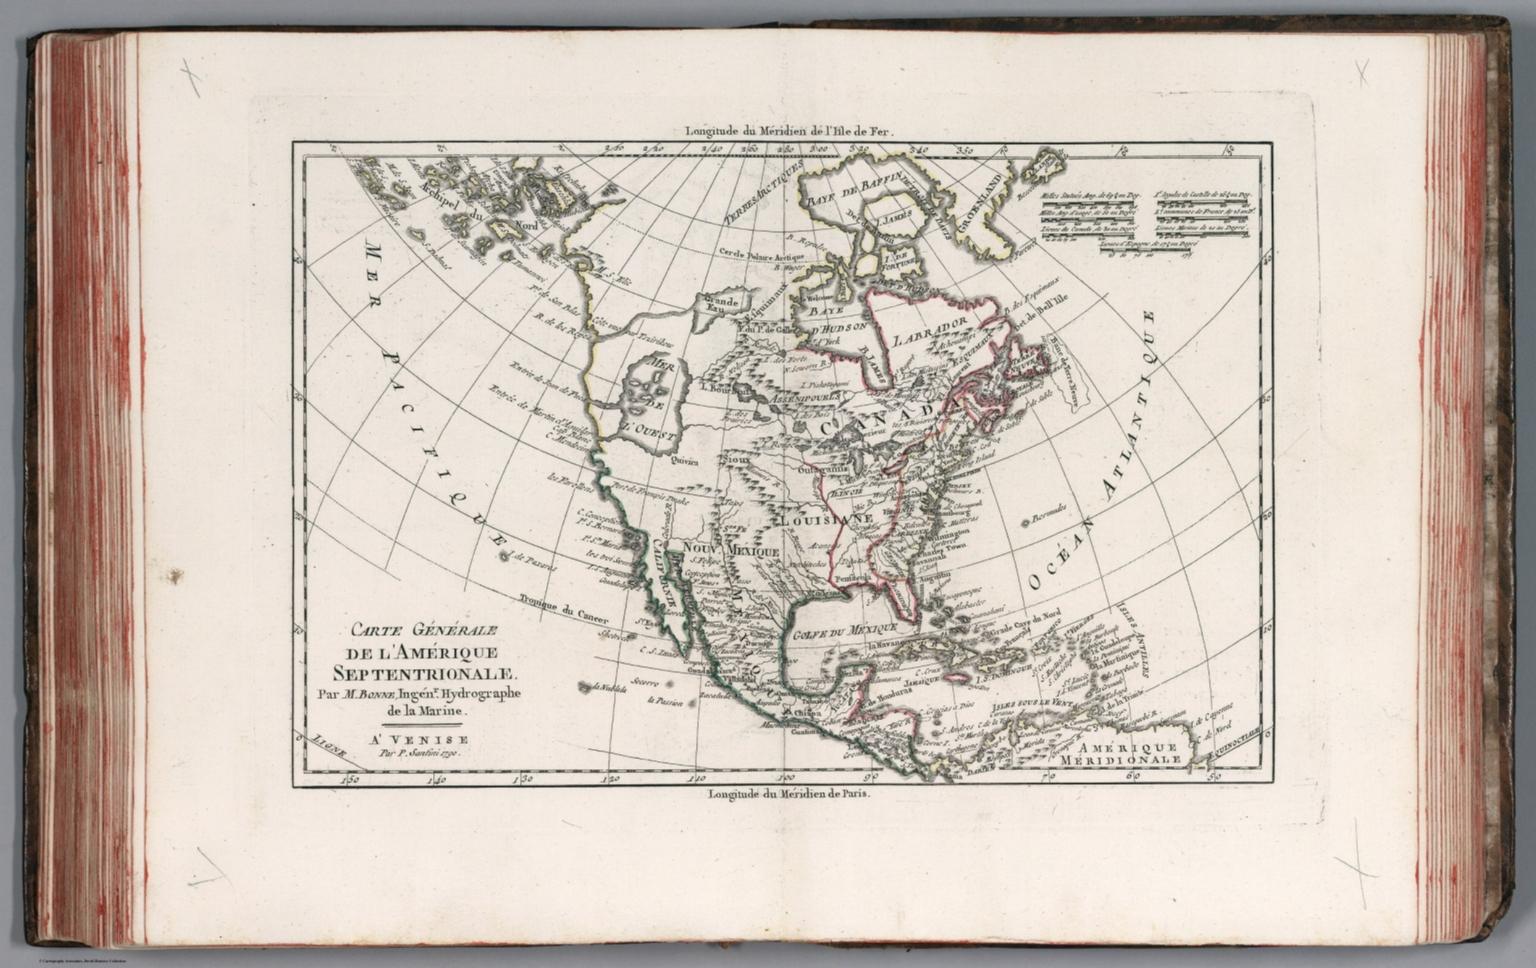 Carte generale de l'Amerique Septentrionale